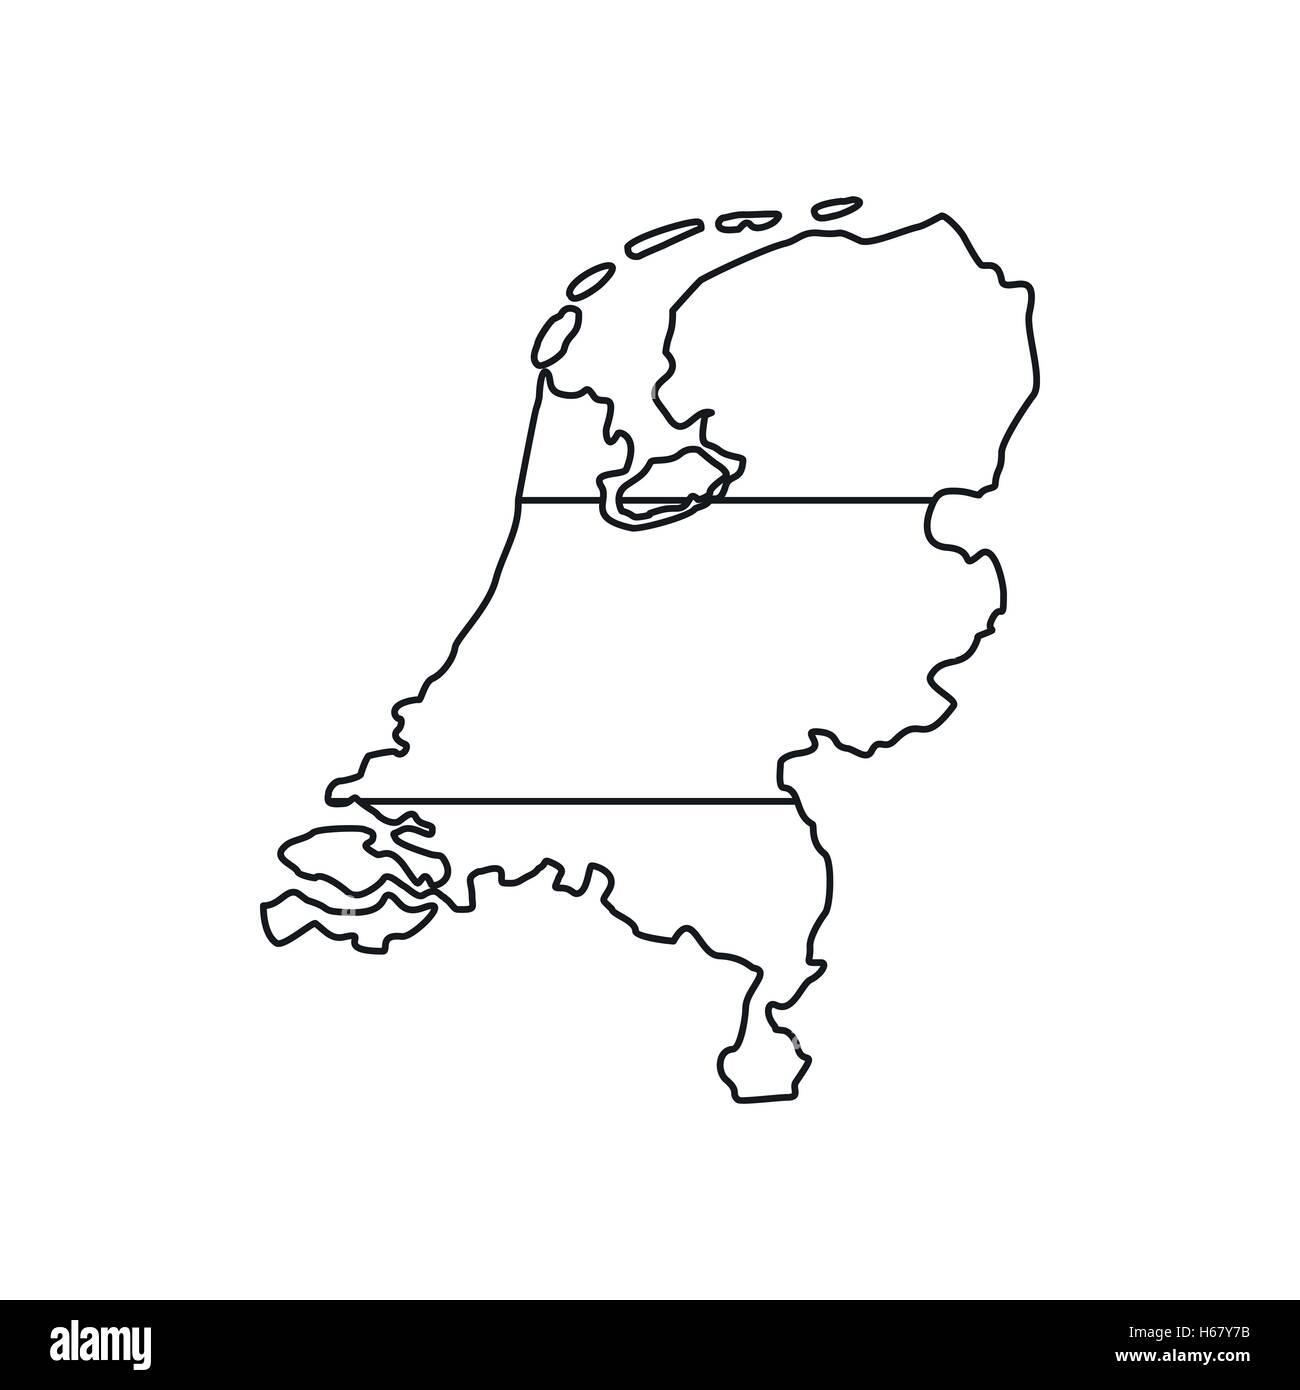 Niederlande Karte Umriss.Symbol Holland Karte Umriss Stil Vektor Abbildung Bild